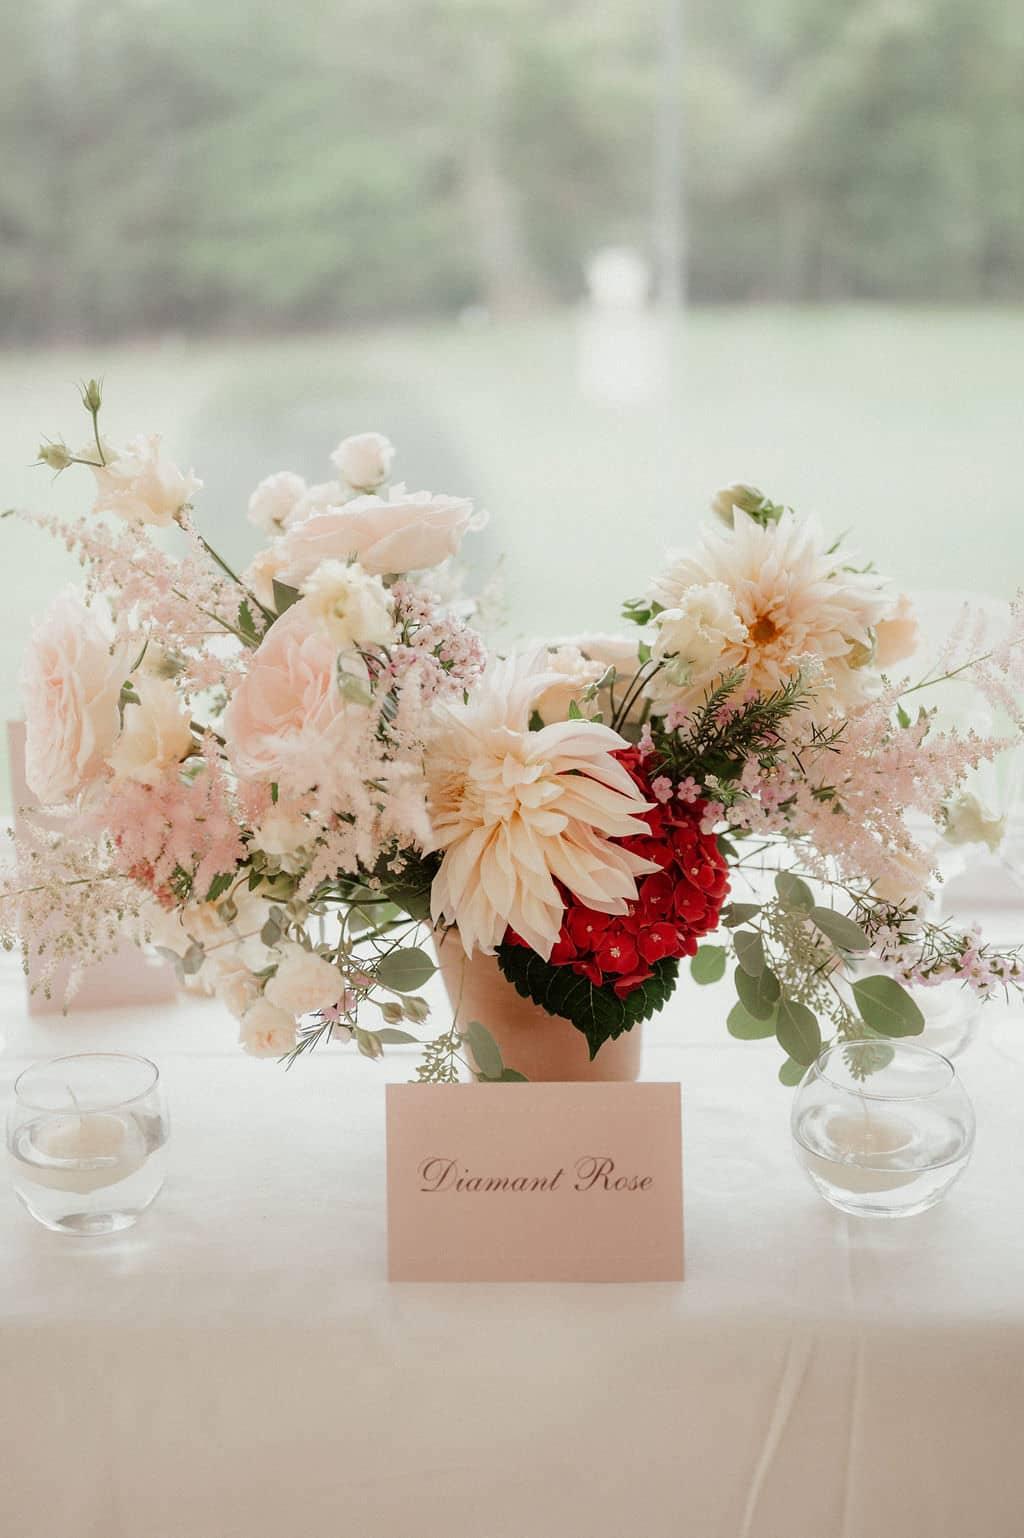 nom de table mariage diamant